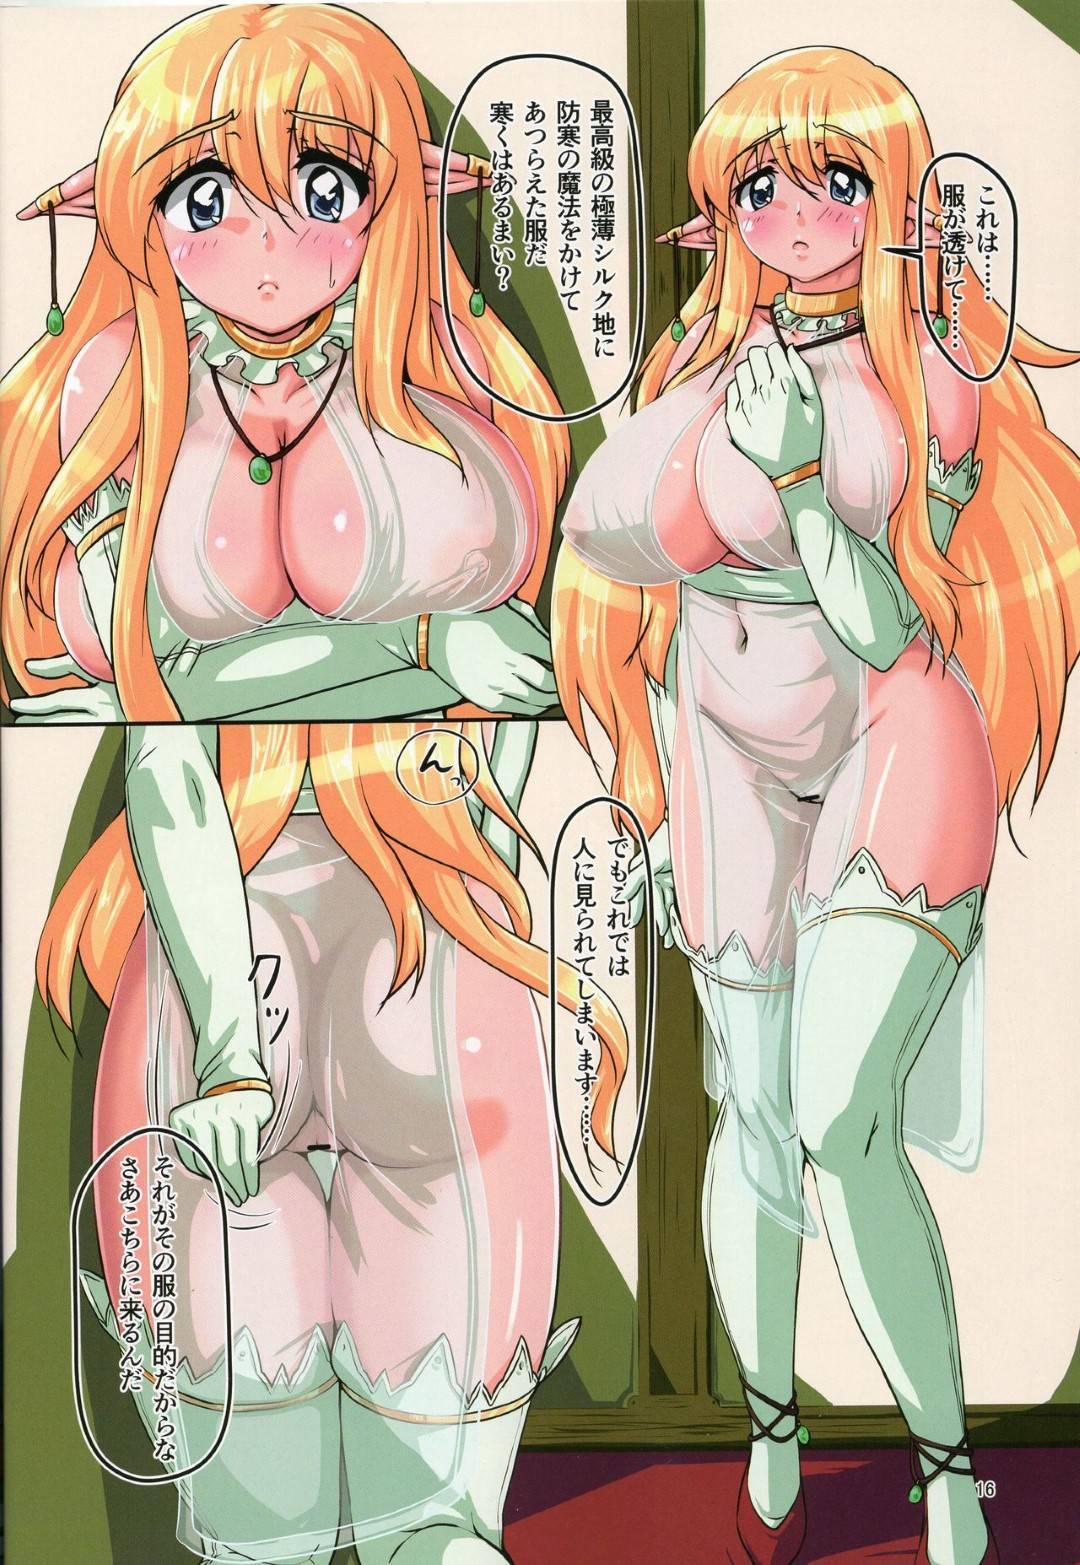 【エロ漫画】奴隷商人に捕まってしまい、男に売り飛ばされてしまった巨乳金髪エルフ。男は彼女を味見しようと、全裸の彼女と小屋でセックスする。強引にキスされた後、乳首を責められながらパイズリやフェラをさせられて大量に精子をぶっかけられる。その後泣いて抵抗する彼女に正常位で生挿入し大量中出し。